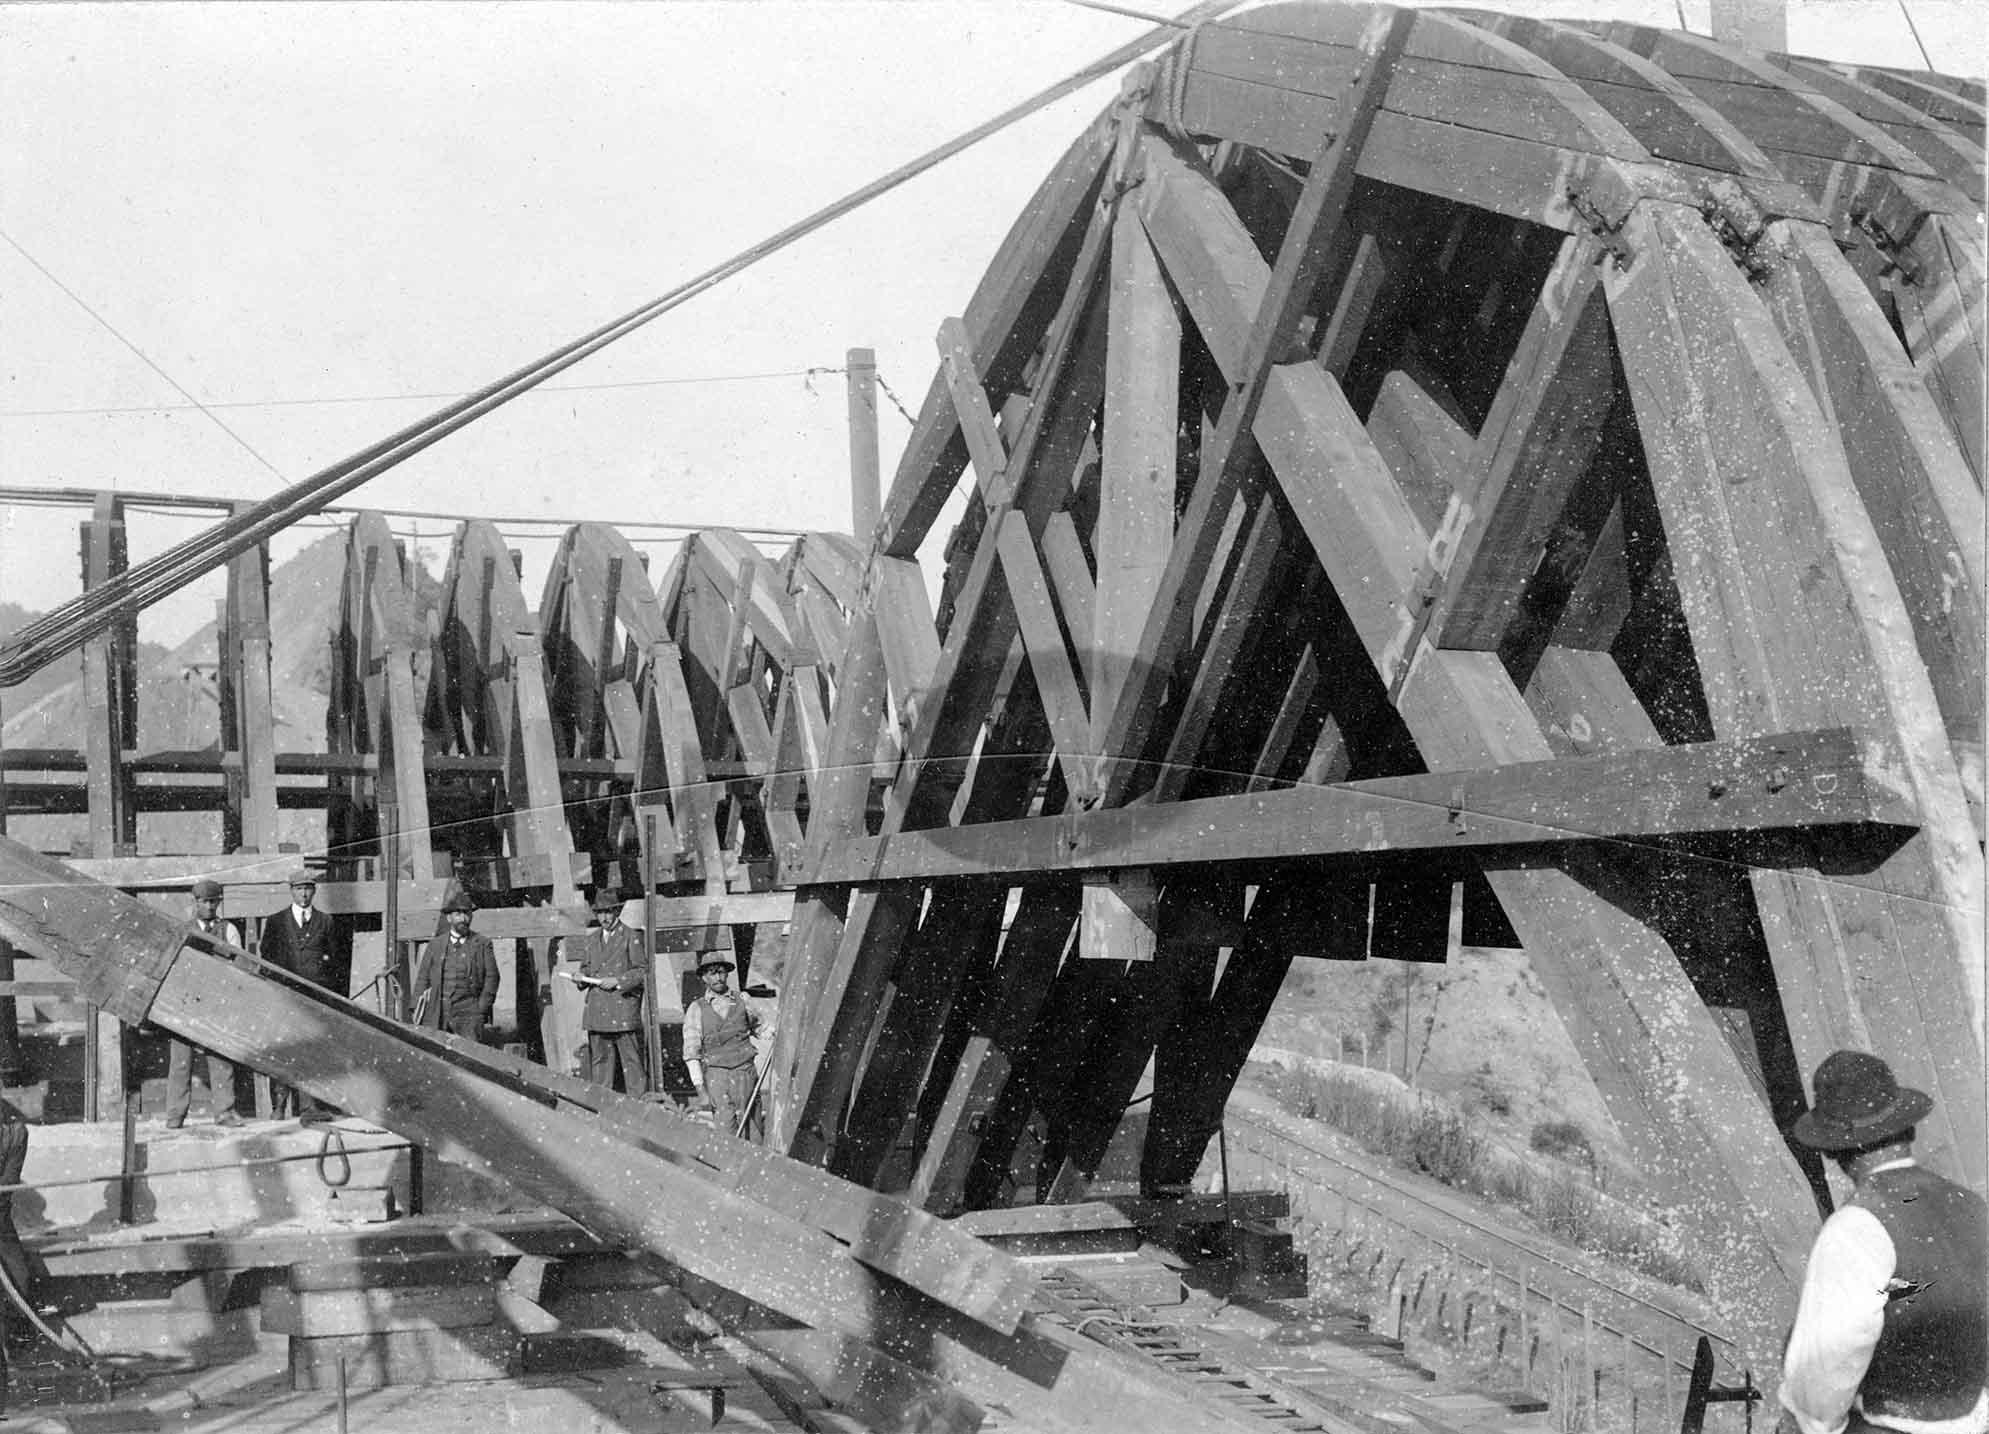 Enterreno - Fotos históricas de chile - fotos antiguas de Chile - Puente Las Cucharas en 1910